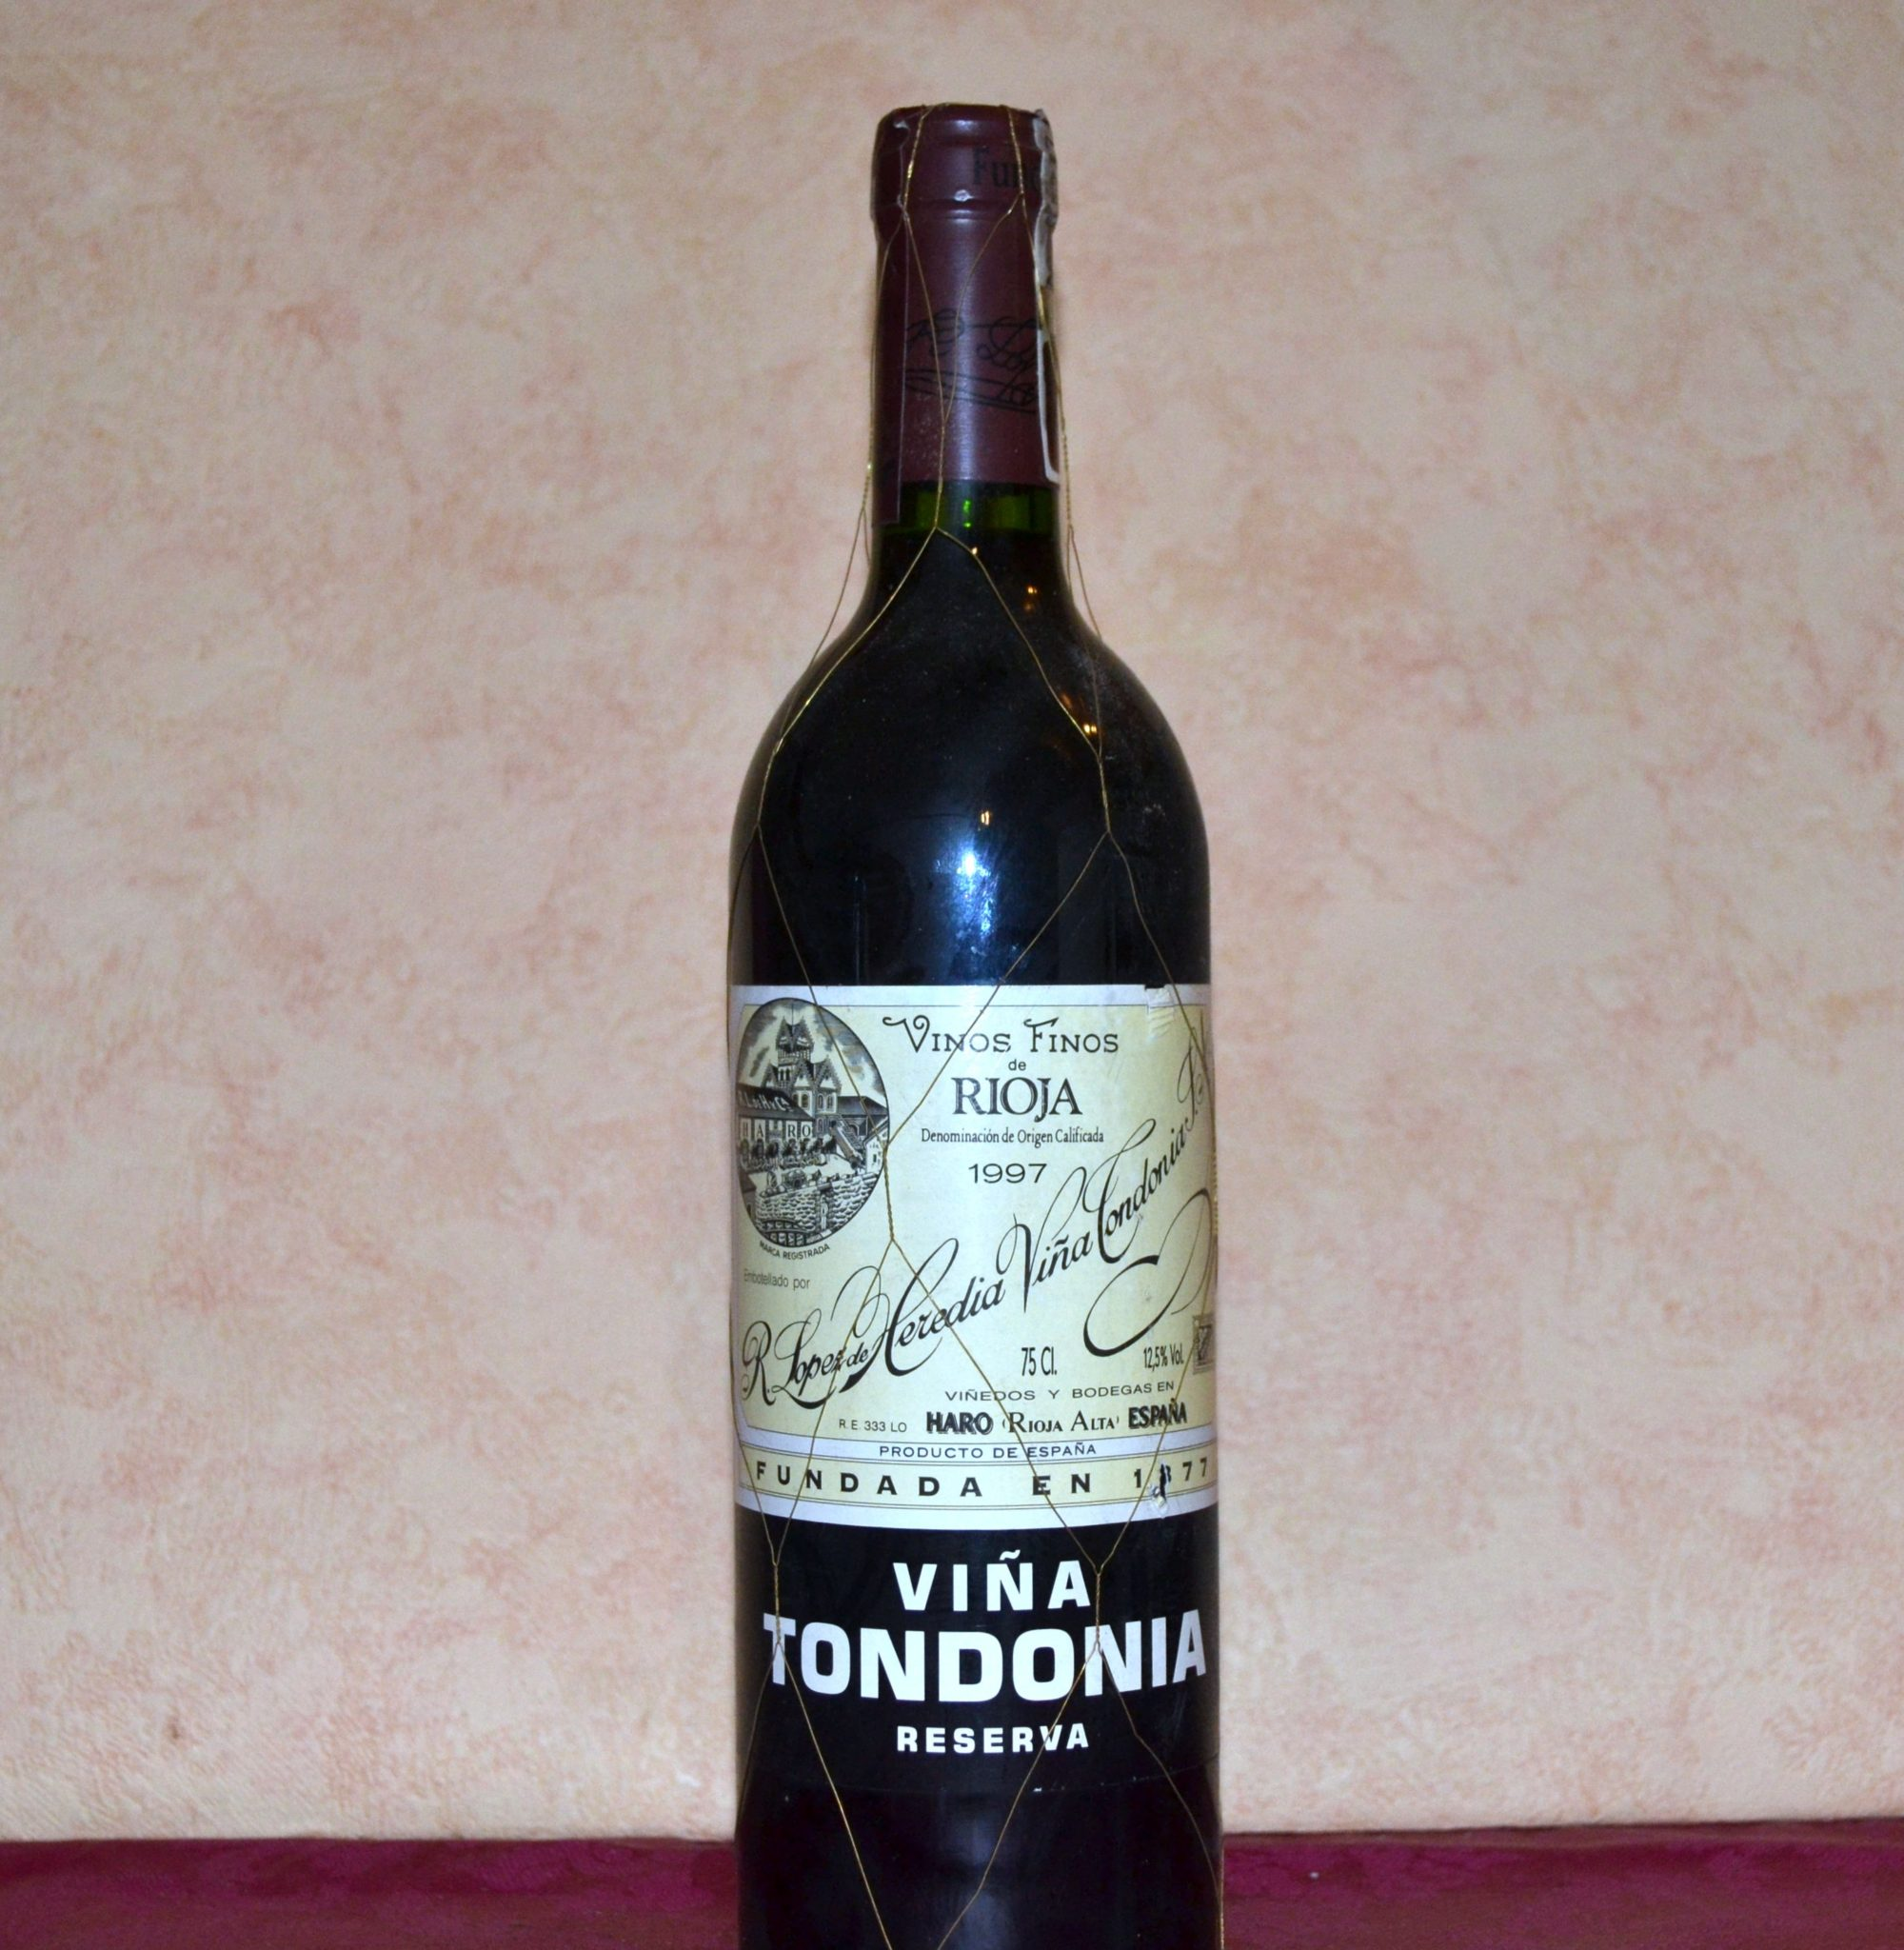 viña tondonia tinto reserva 1997 elaborado por lopez heredia es el regalo ideal para un cumpleaños,un aniversario o una jubilacion